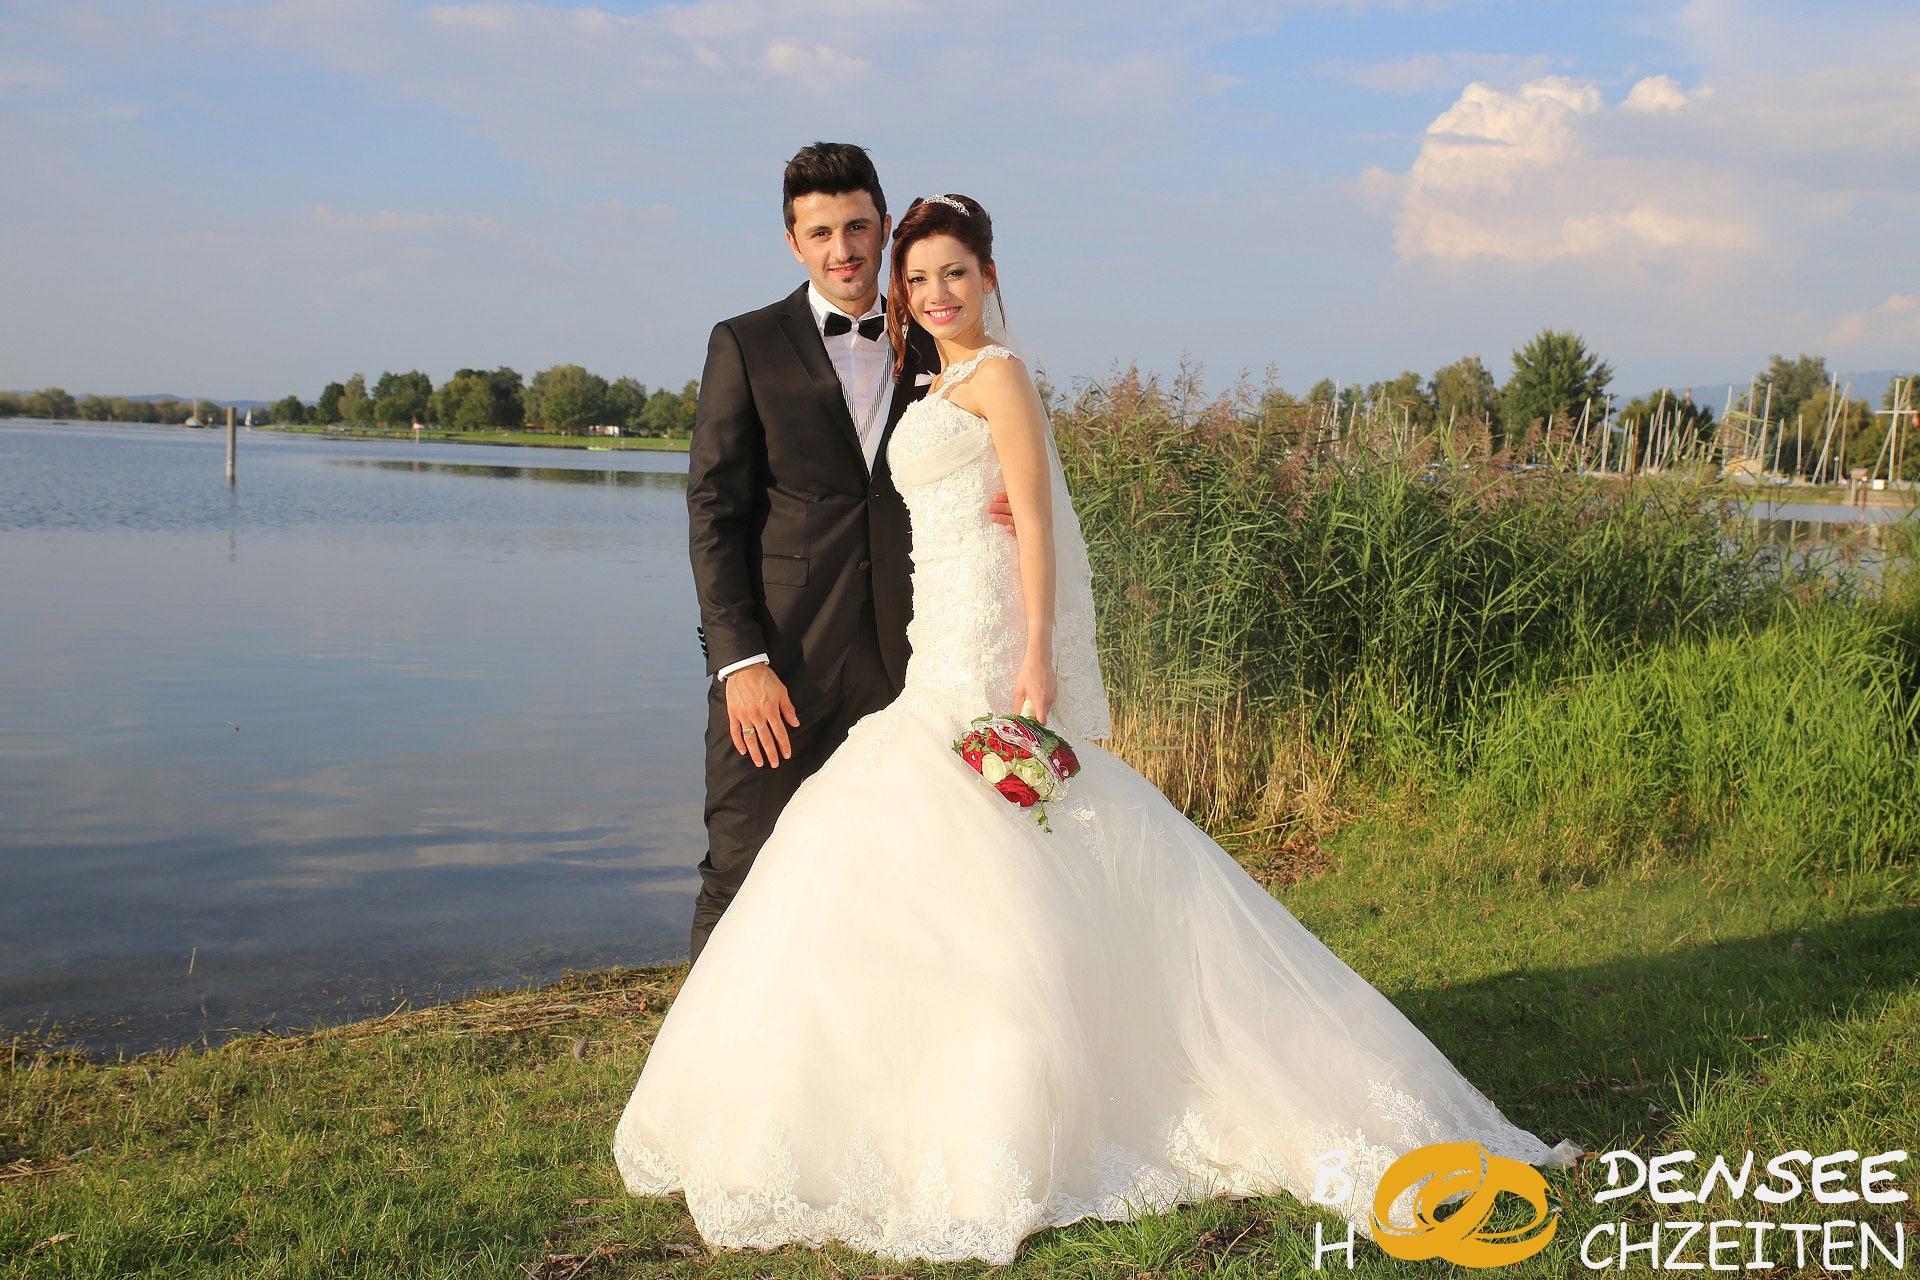 Bodensee-Hochzeiten.com vom Heiratsantrag bis zur Hochzeit